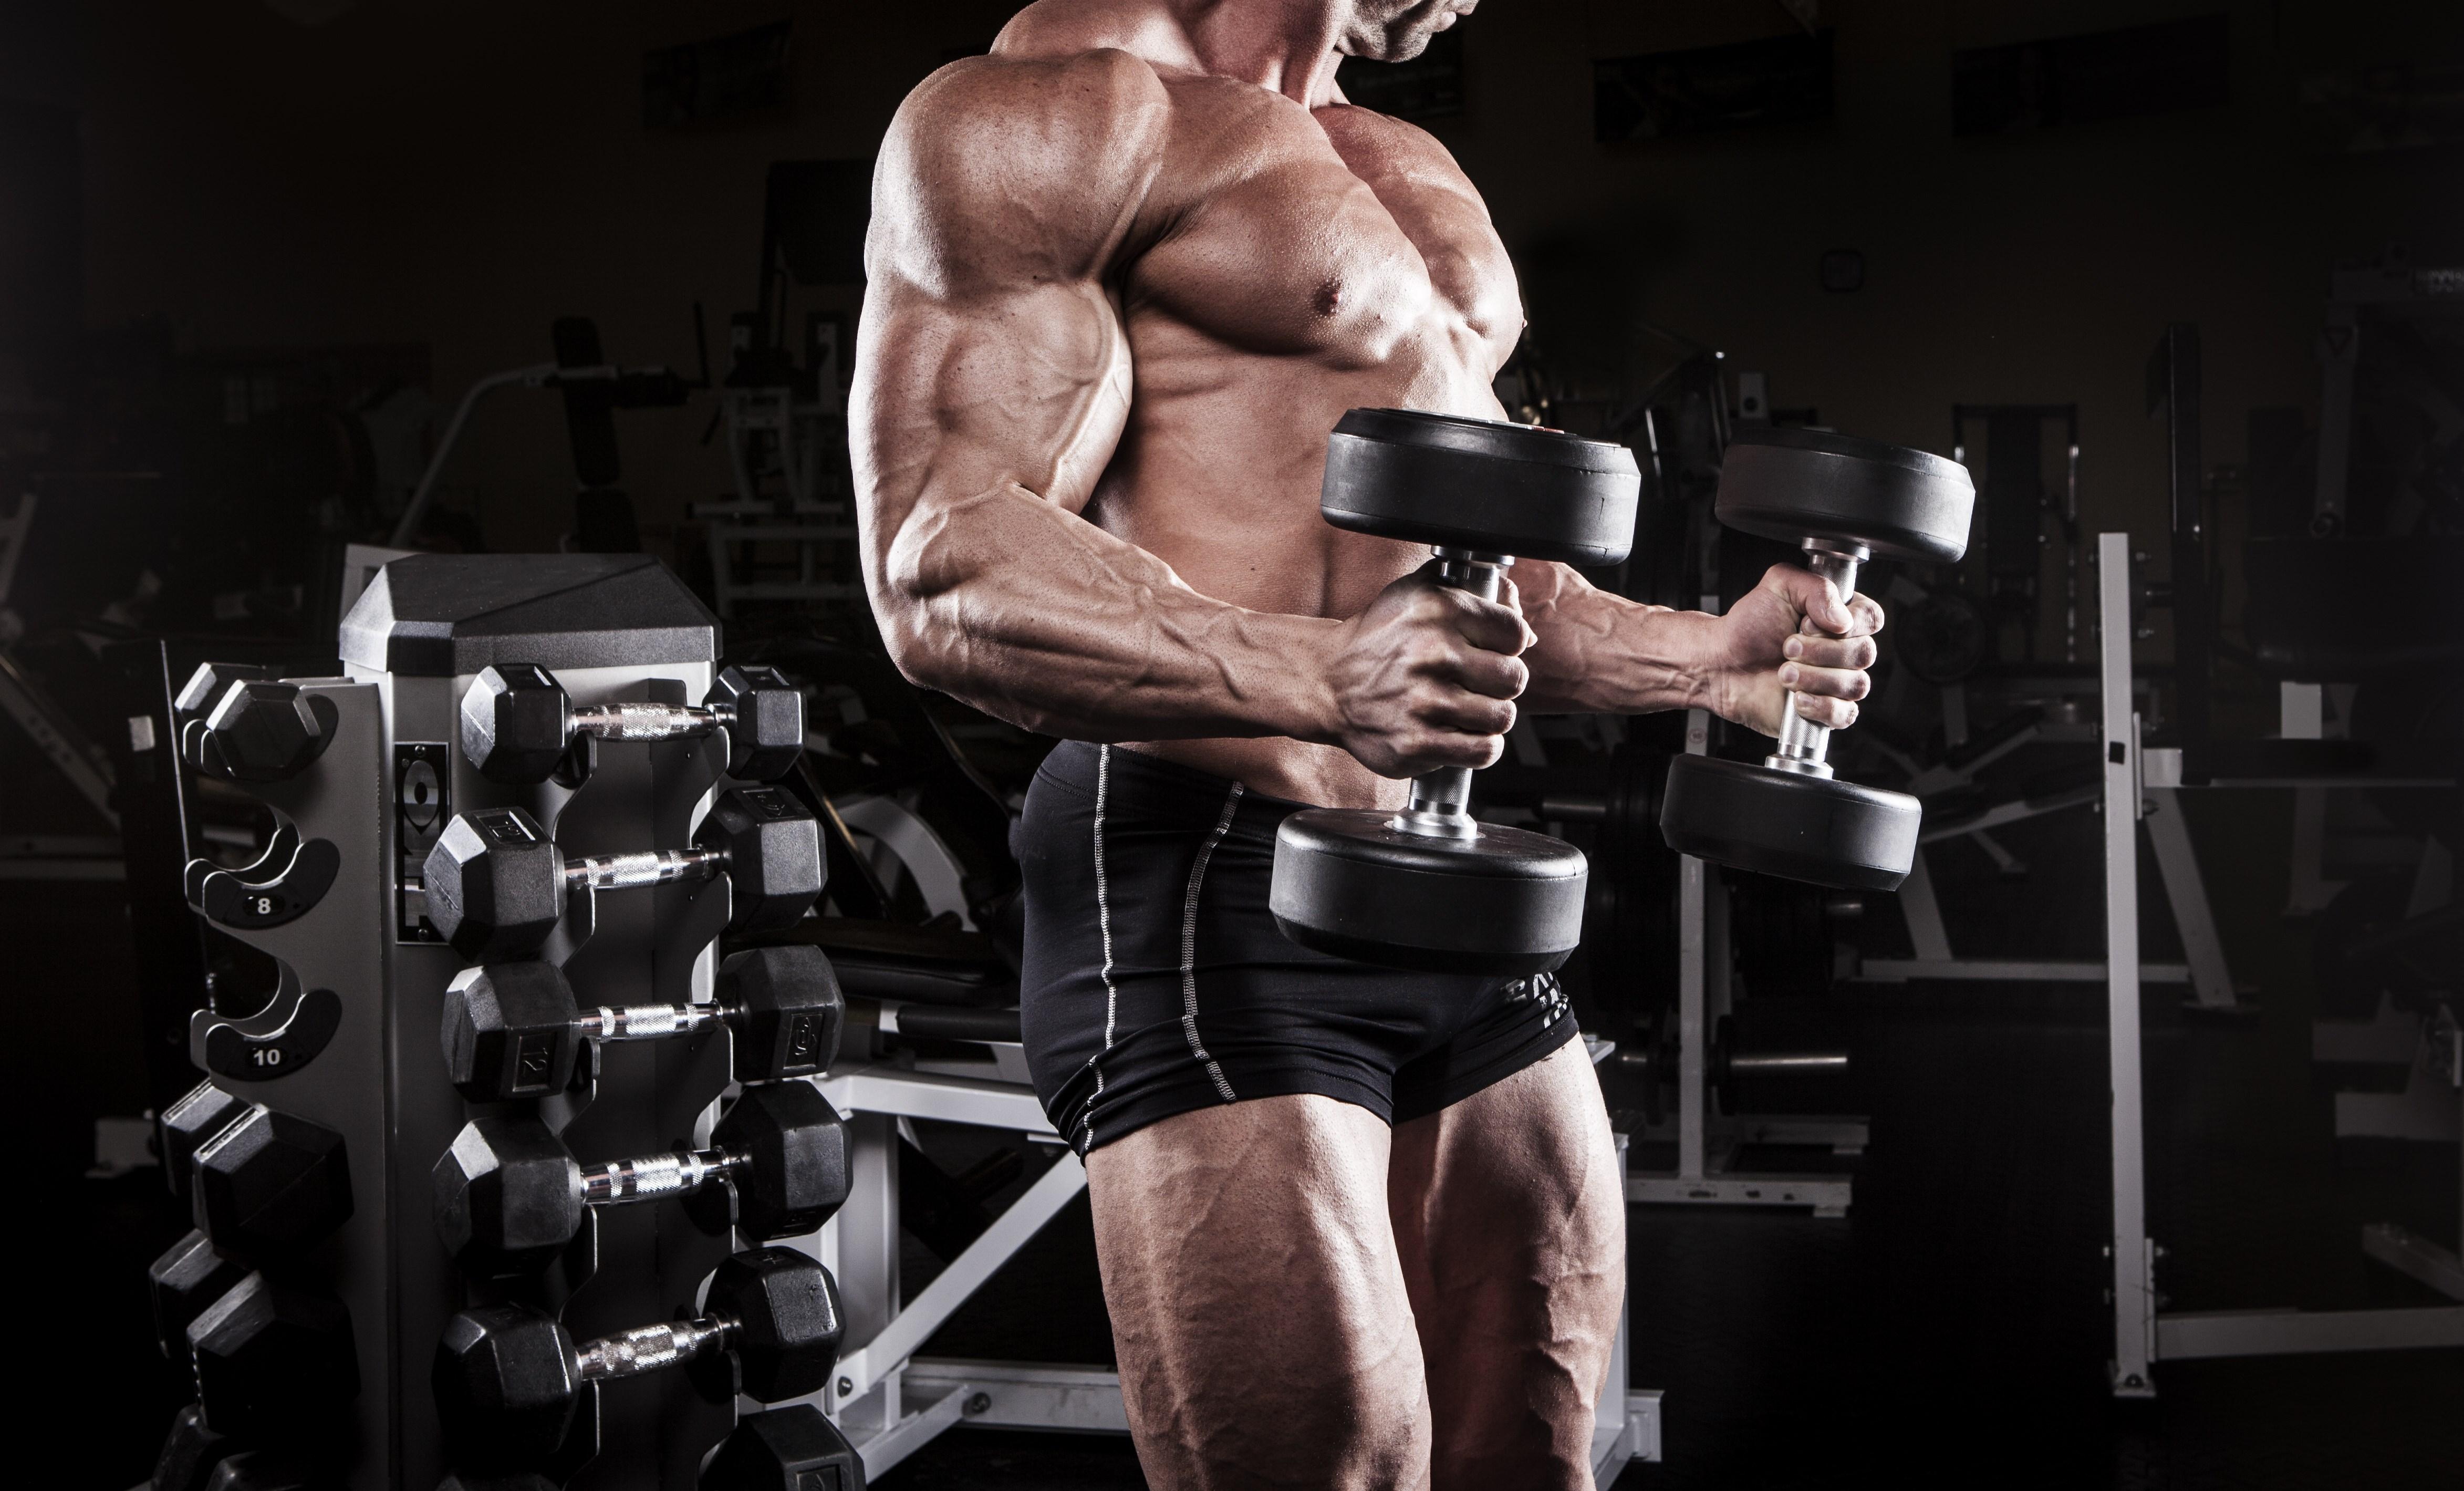 Бодибилдинг - современный силовой спорт | бодибилдинг и фитнес программы тренировок, как накачать мышцы, сбросить лишний вес